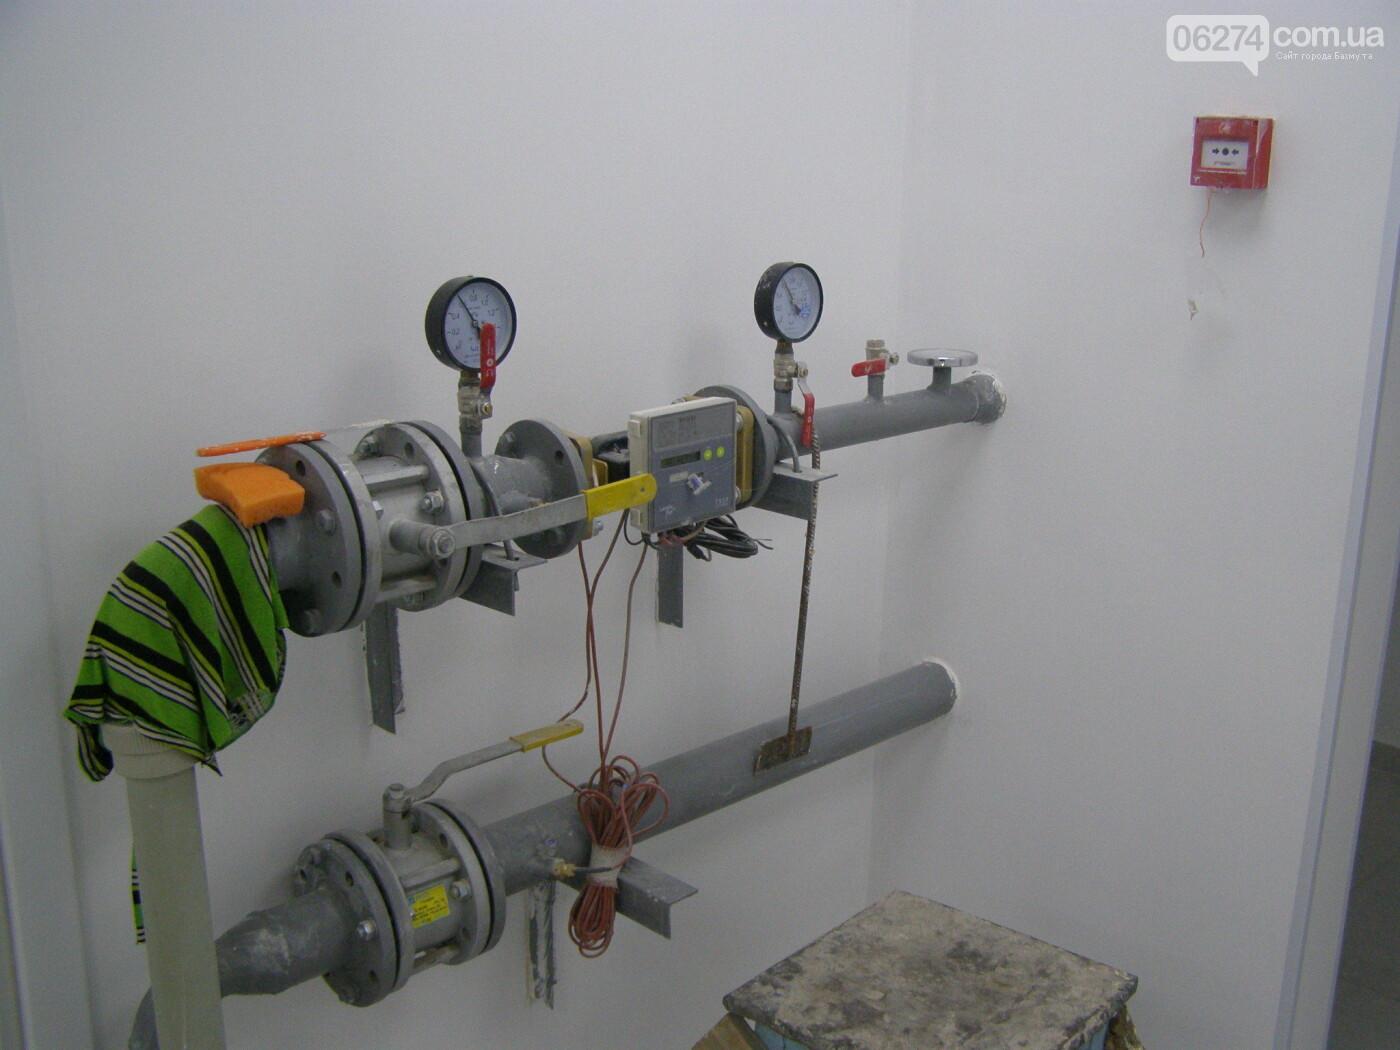 Во врачебно-физкультурном диспансере в Бахмуте завершена реконструкция главного корпуса и общежития, фото-11